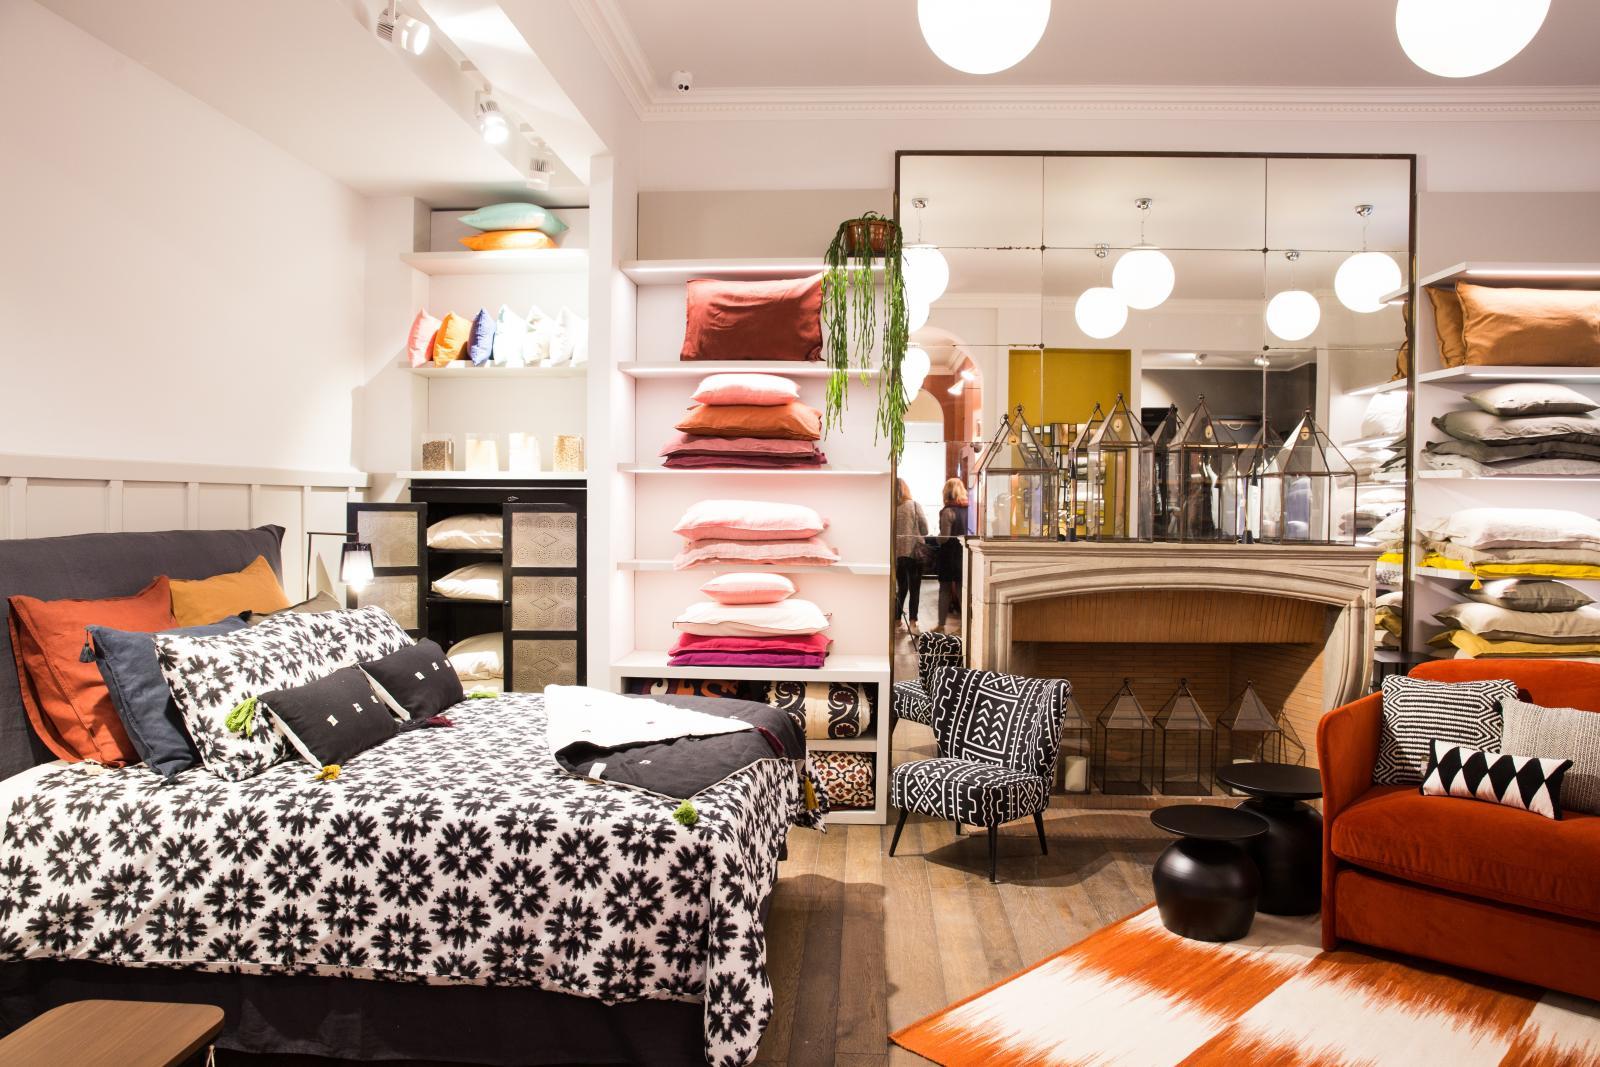 ampm inaugure une nouvelle boutique à paris | madame décore